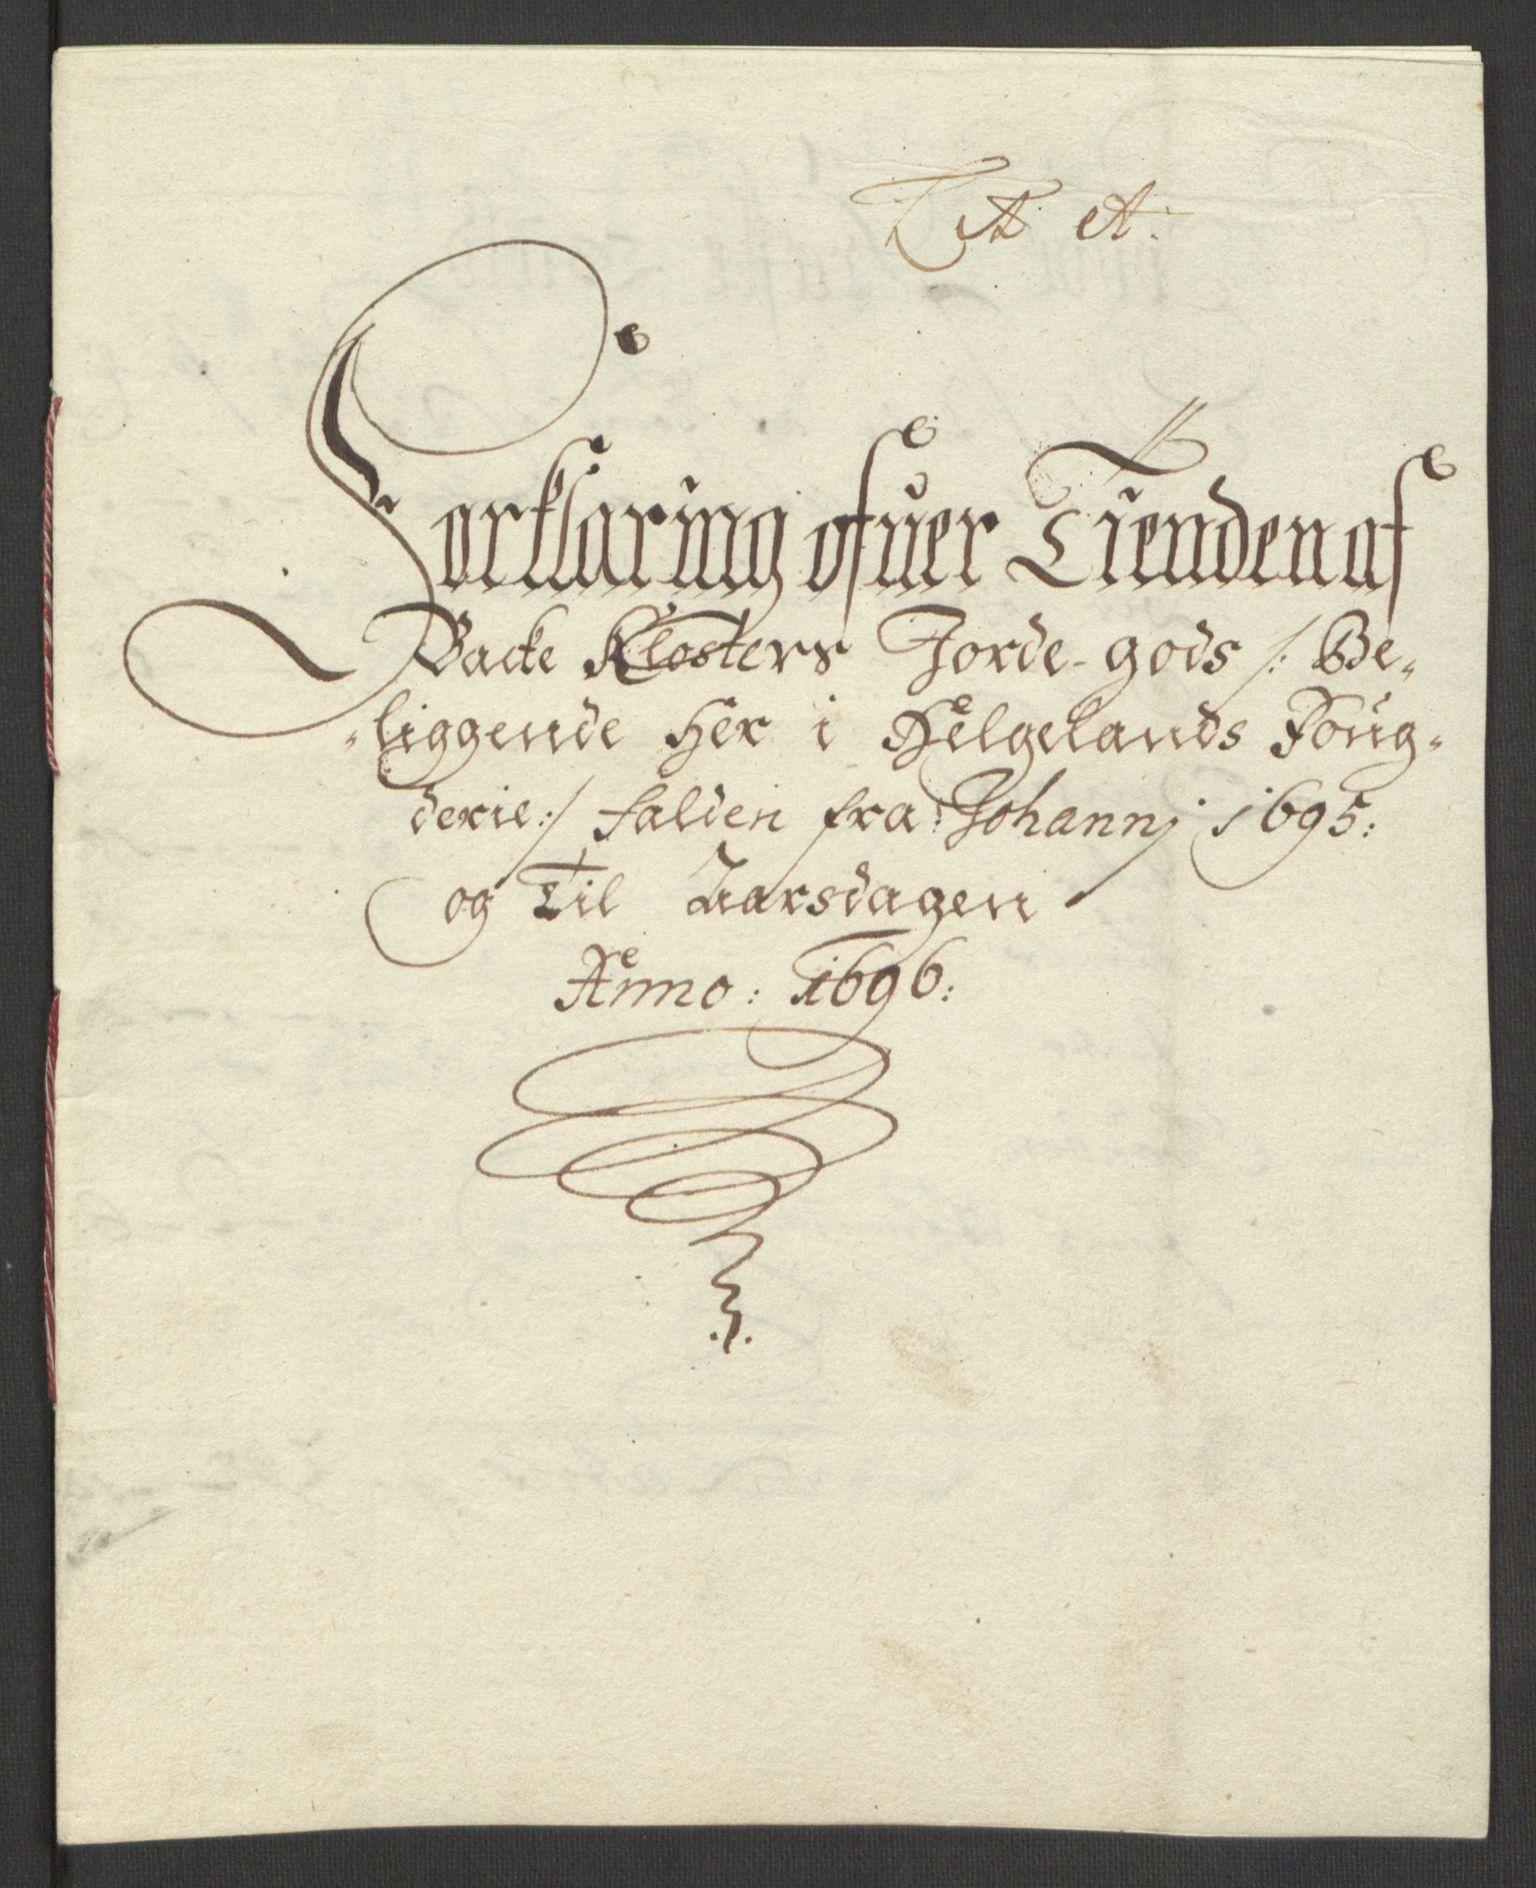 RA, Rentekammeret inntil 1814, Reviderte regnskaper, Fogderegnskap, R65/L4505: Fogderegnskap Helgeland, 1693-1696, s. 408